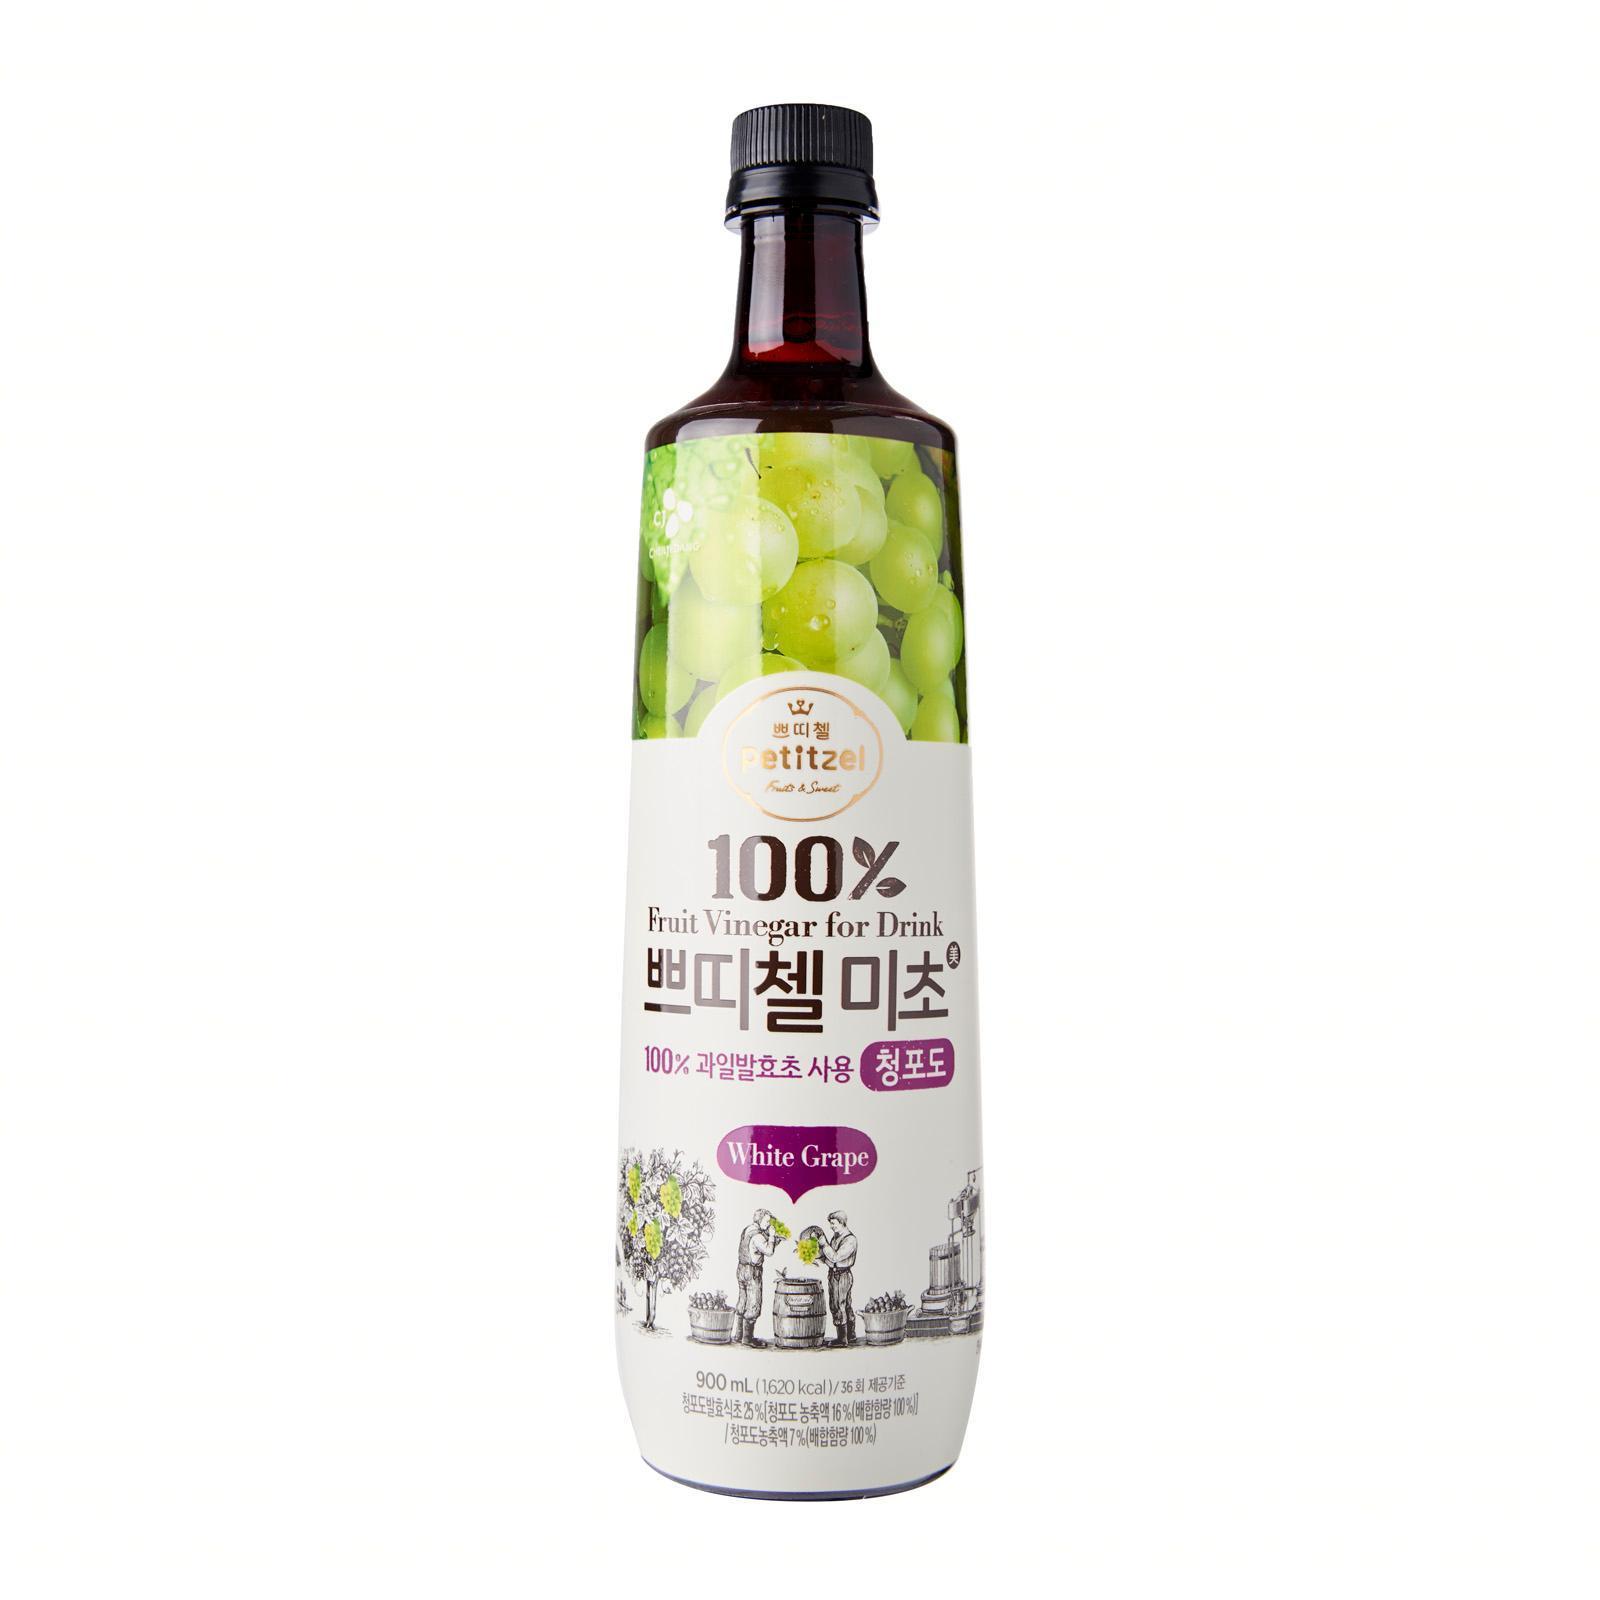 CJ Petitzel Fruit Vinegar Drink - Muscat 900ML